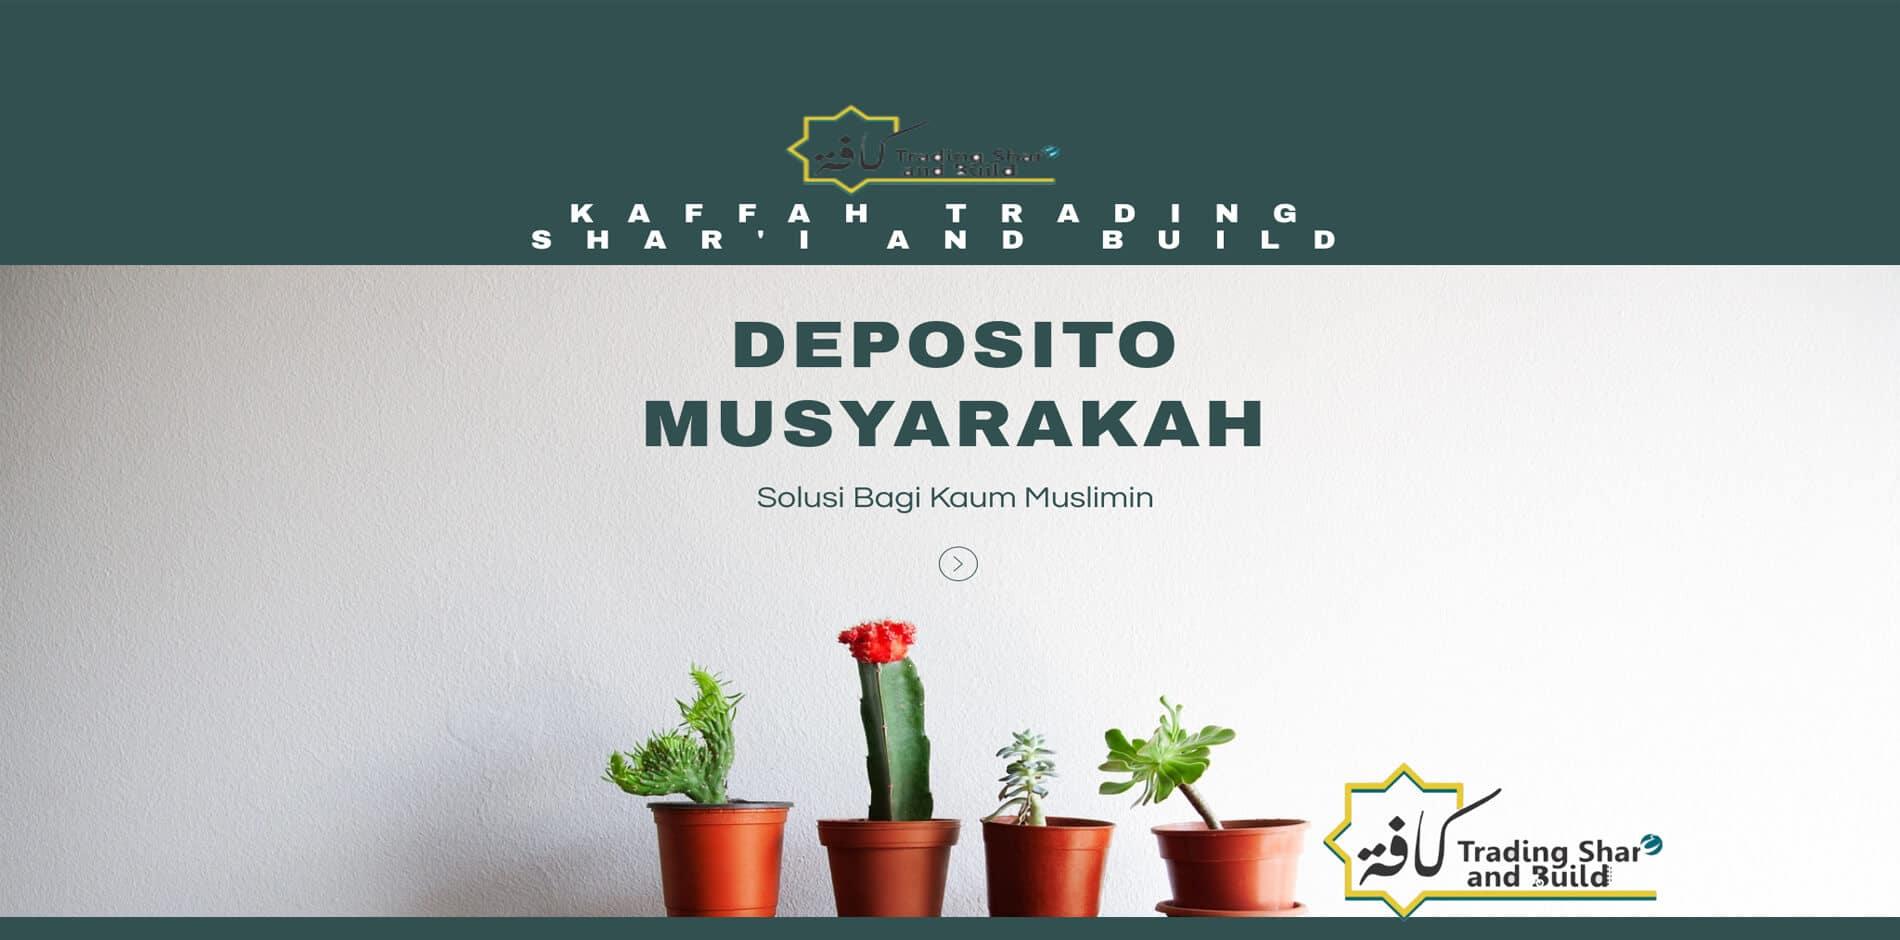 Deposito Musyarakah